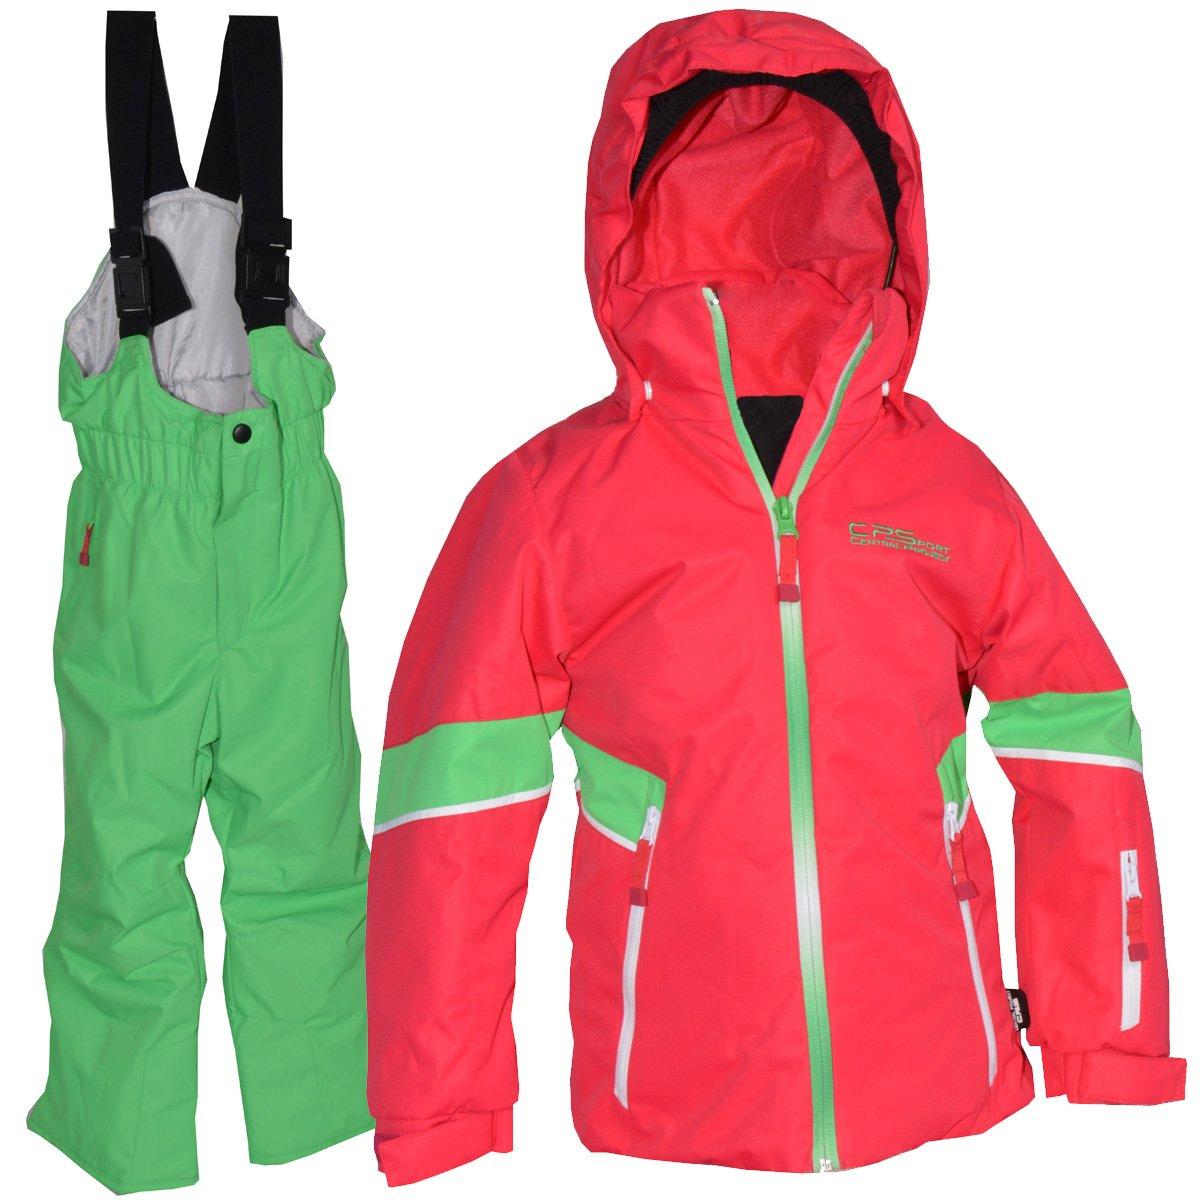 Central Project Baby Ski Anzug Cloe günstig online kaufen